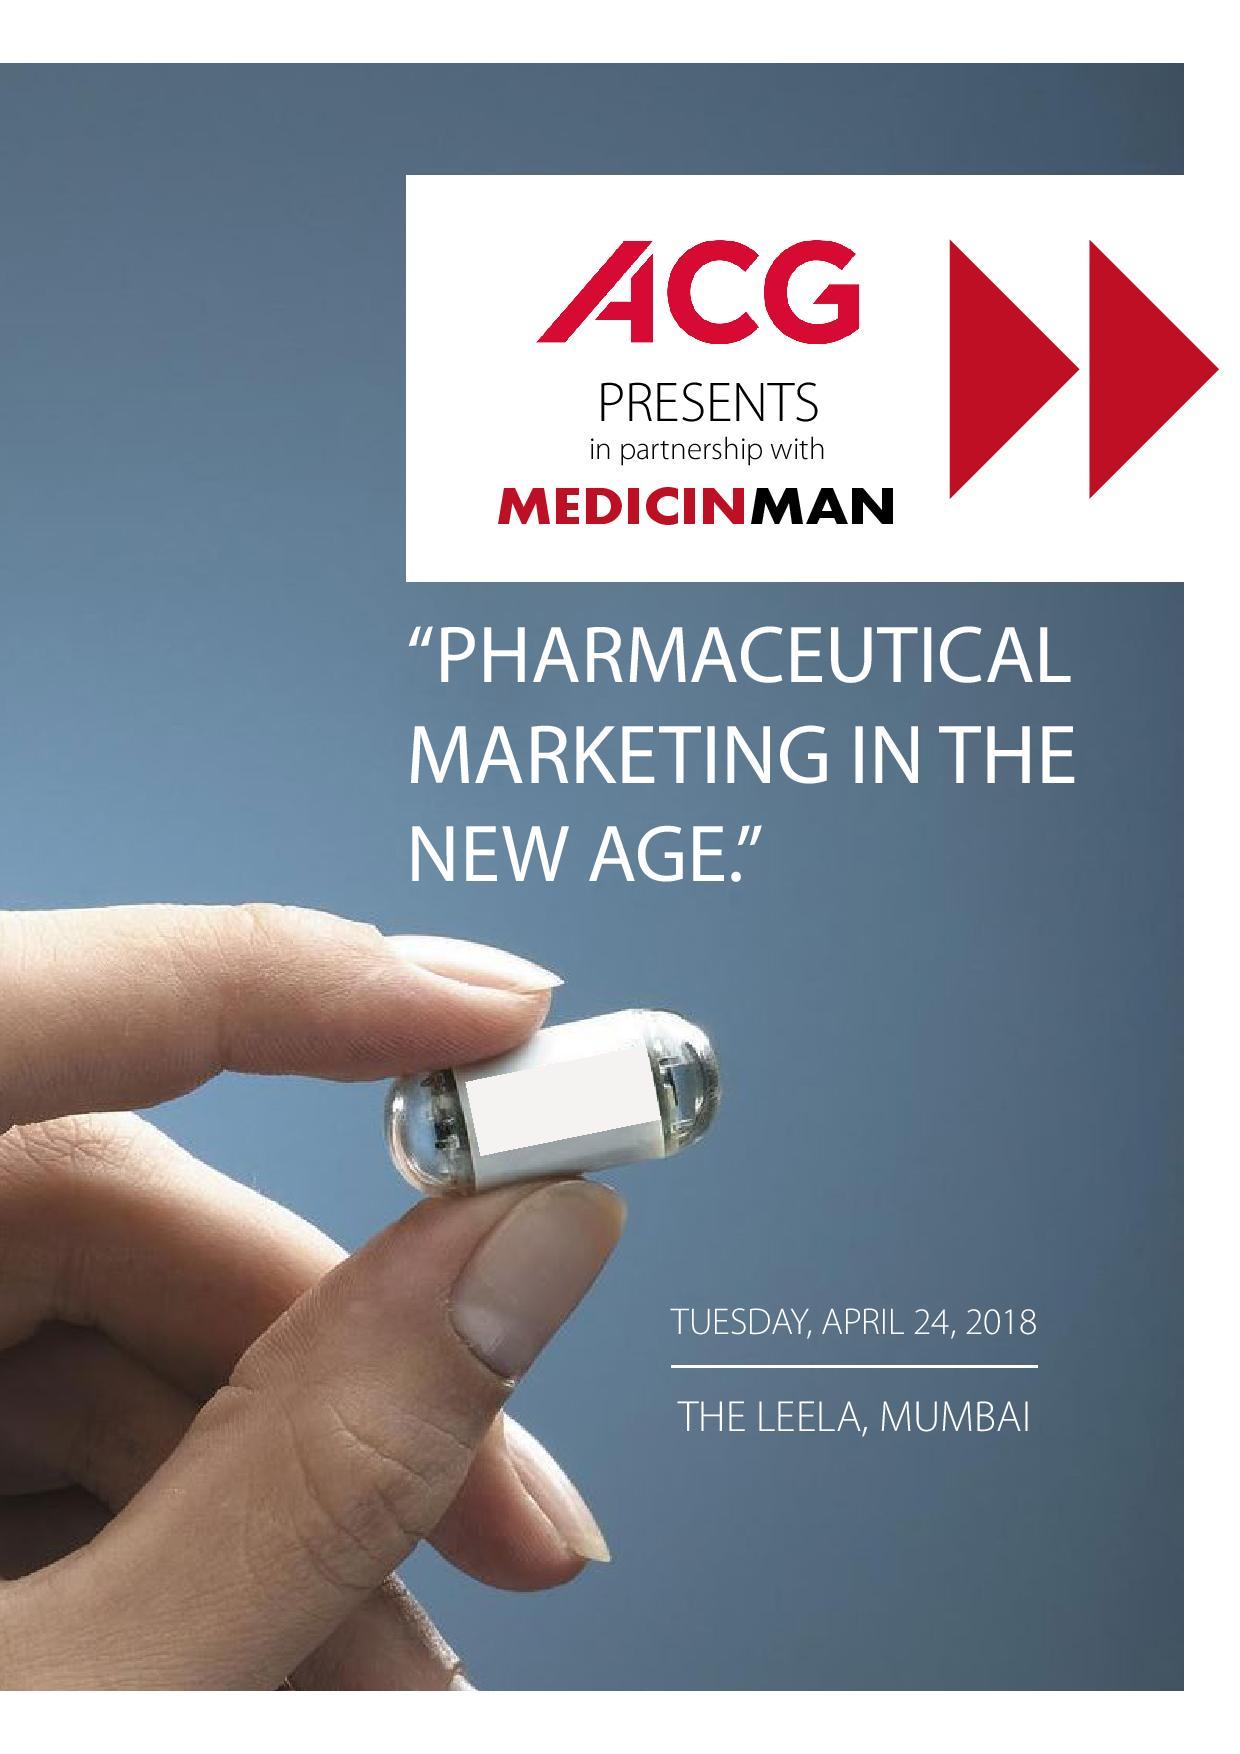 MedicinMan_ACG_Conference_Bro-page-001